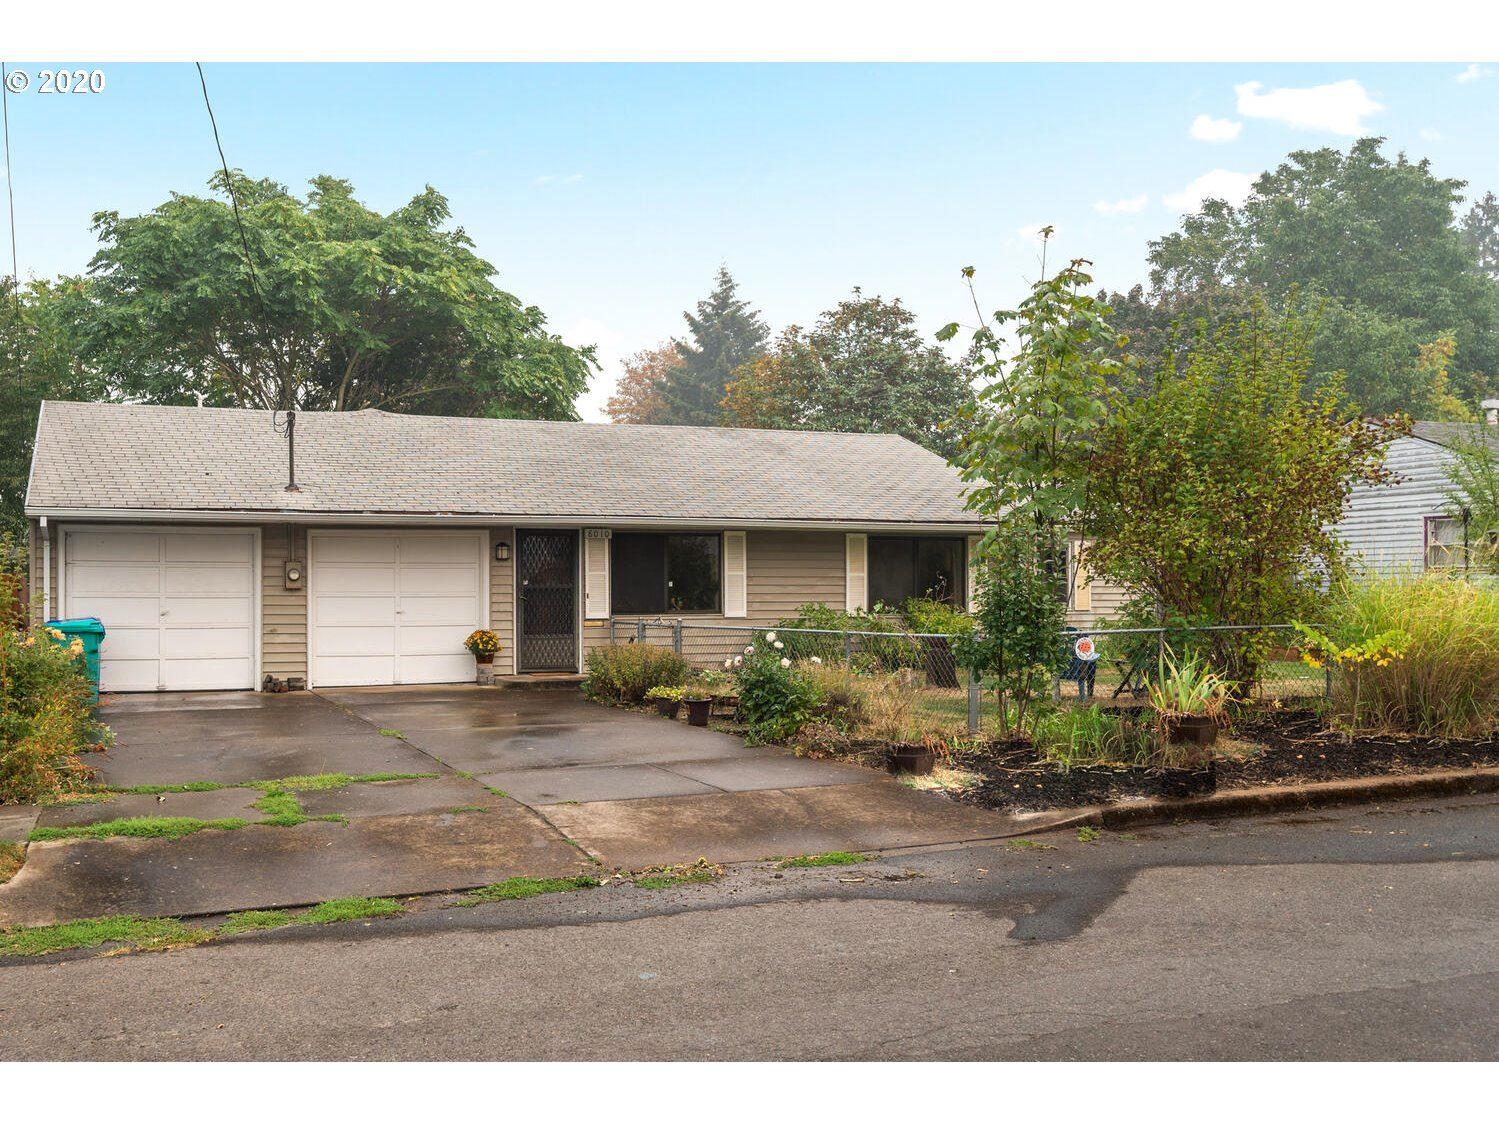 8010 N SEWARD AVE, Portland, OR 97217 - MLS#: 20220274